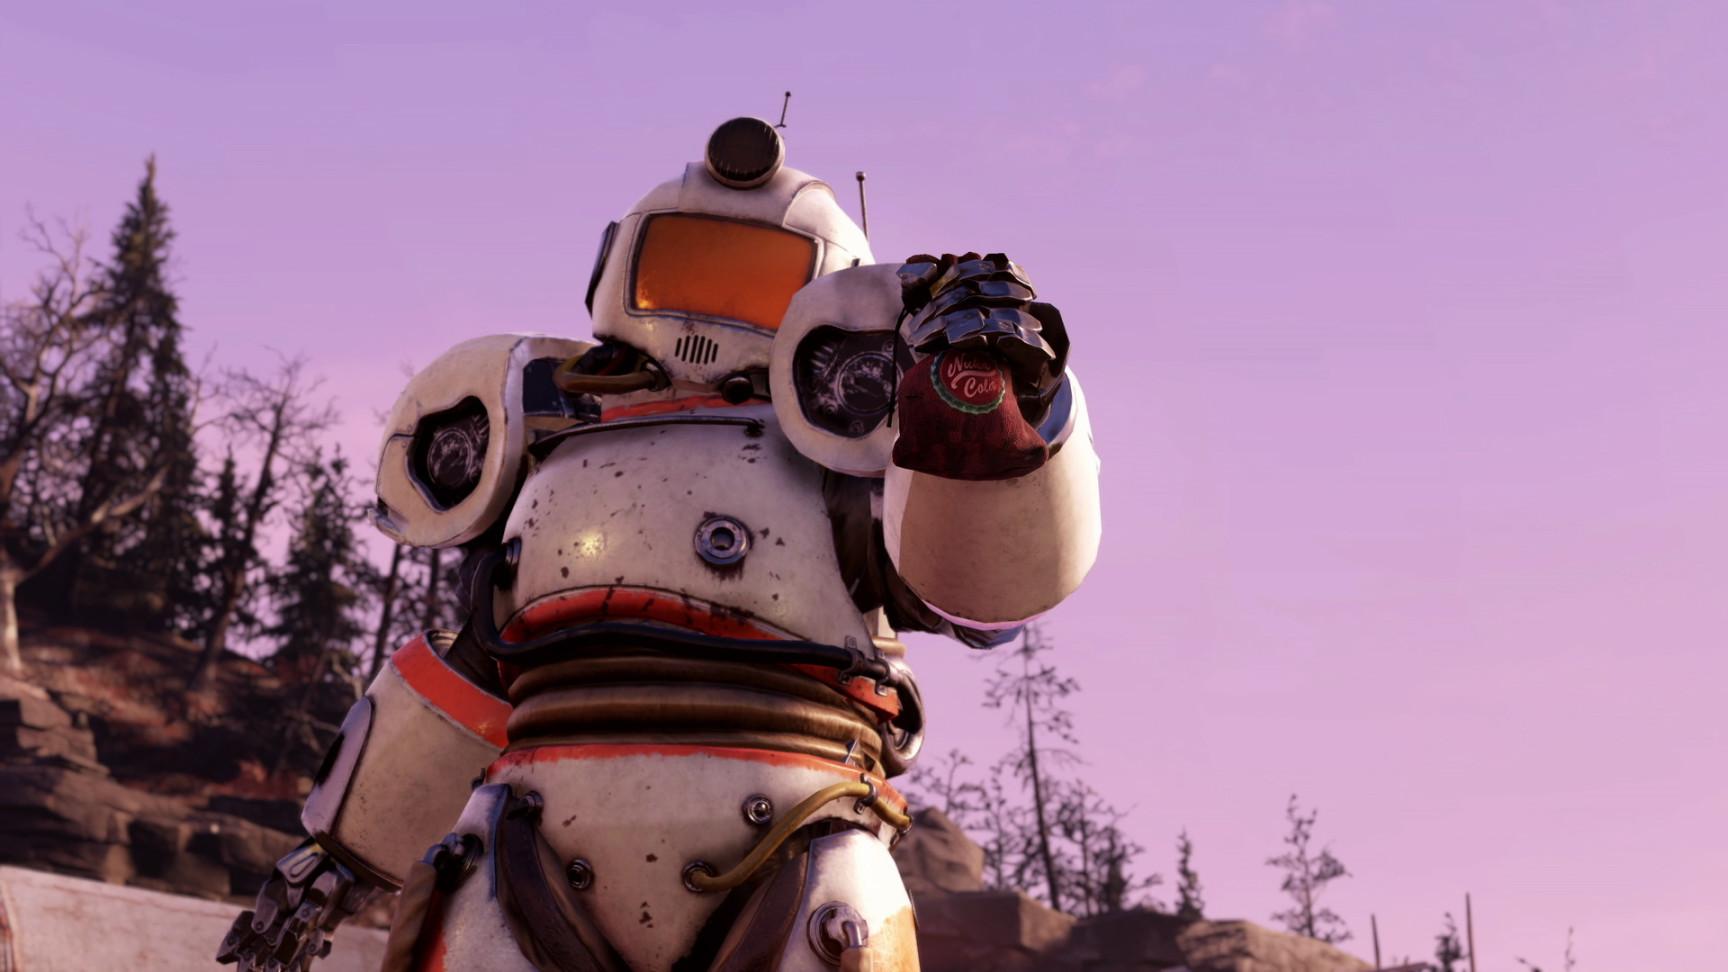 Steam特惠:《辐射》系列《房产达人》《这就是警察2》等特惠信息插图12